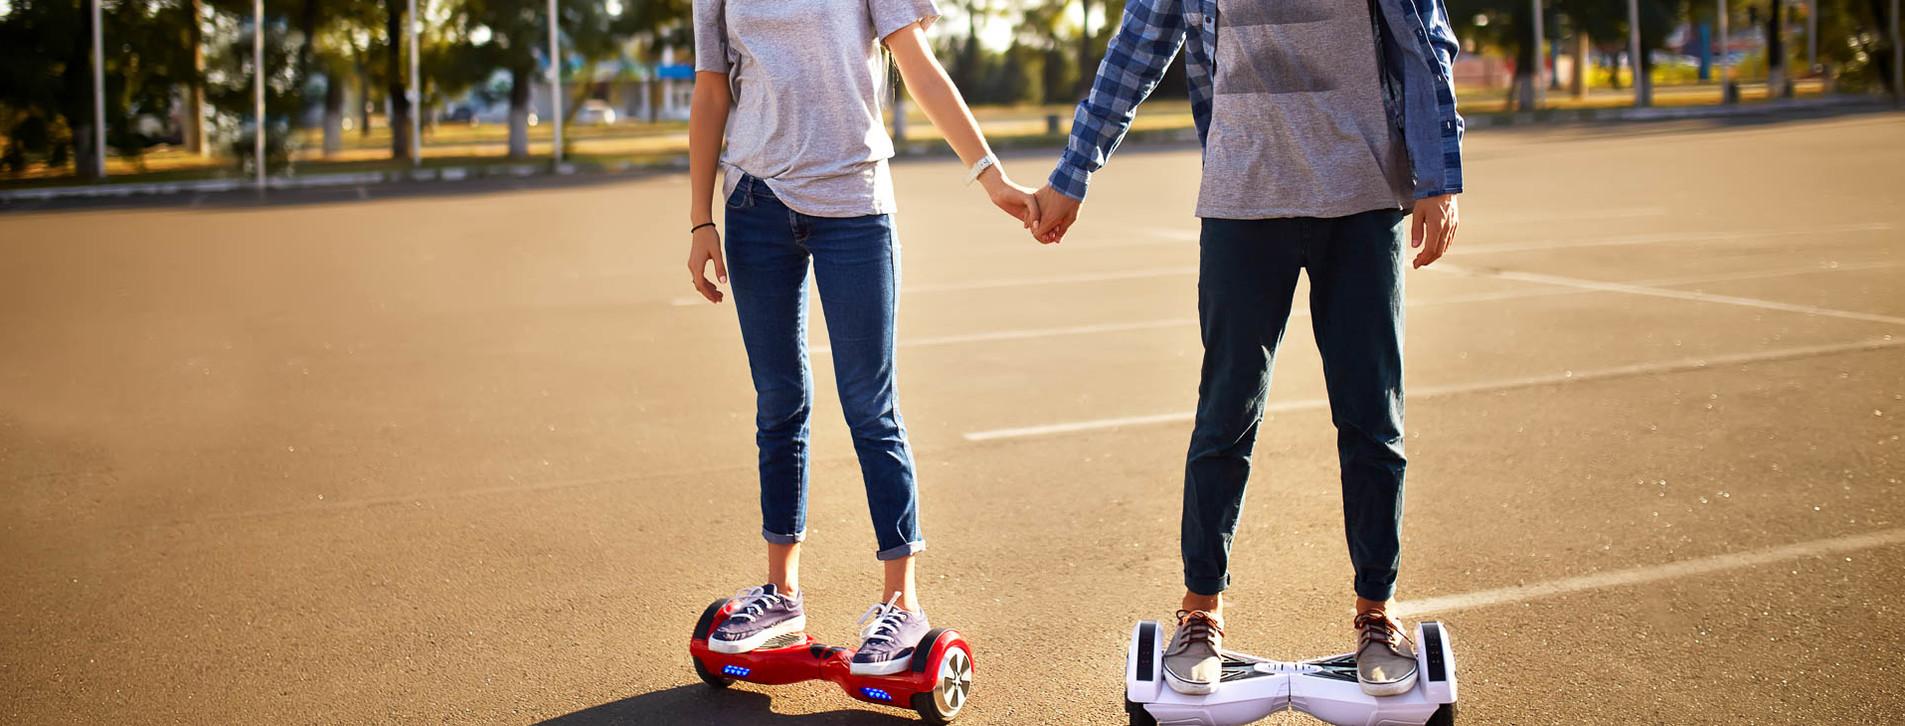 Фото 1 - Прогулка на гироскутерах для двоих